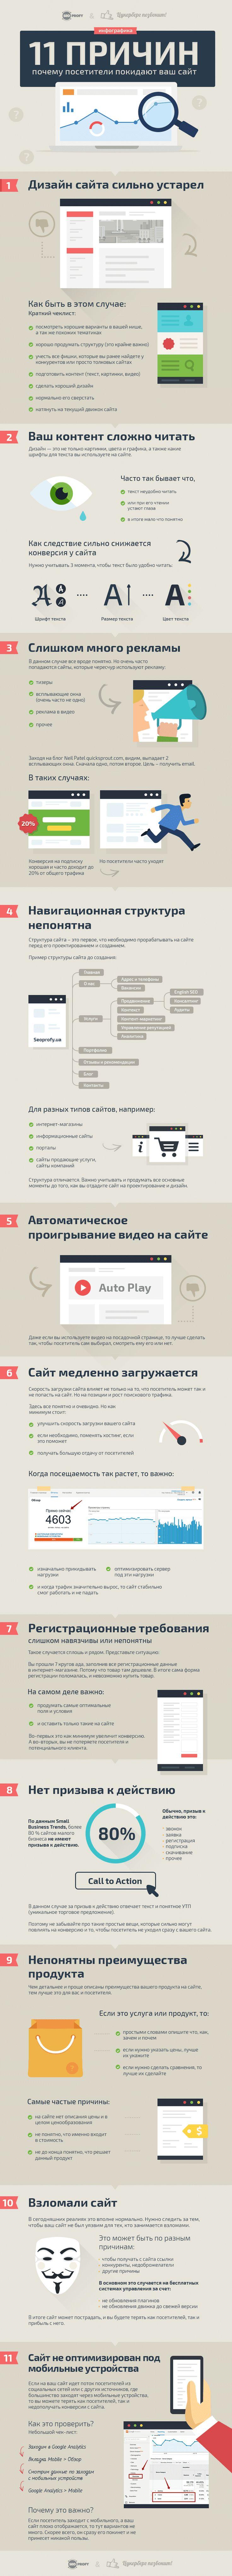 Инфографика: 11 причин, по которым пользователи покидают сайт проекта